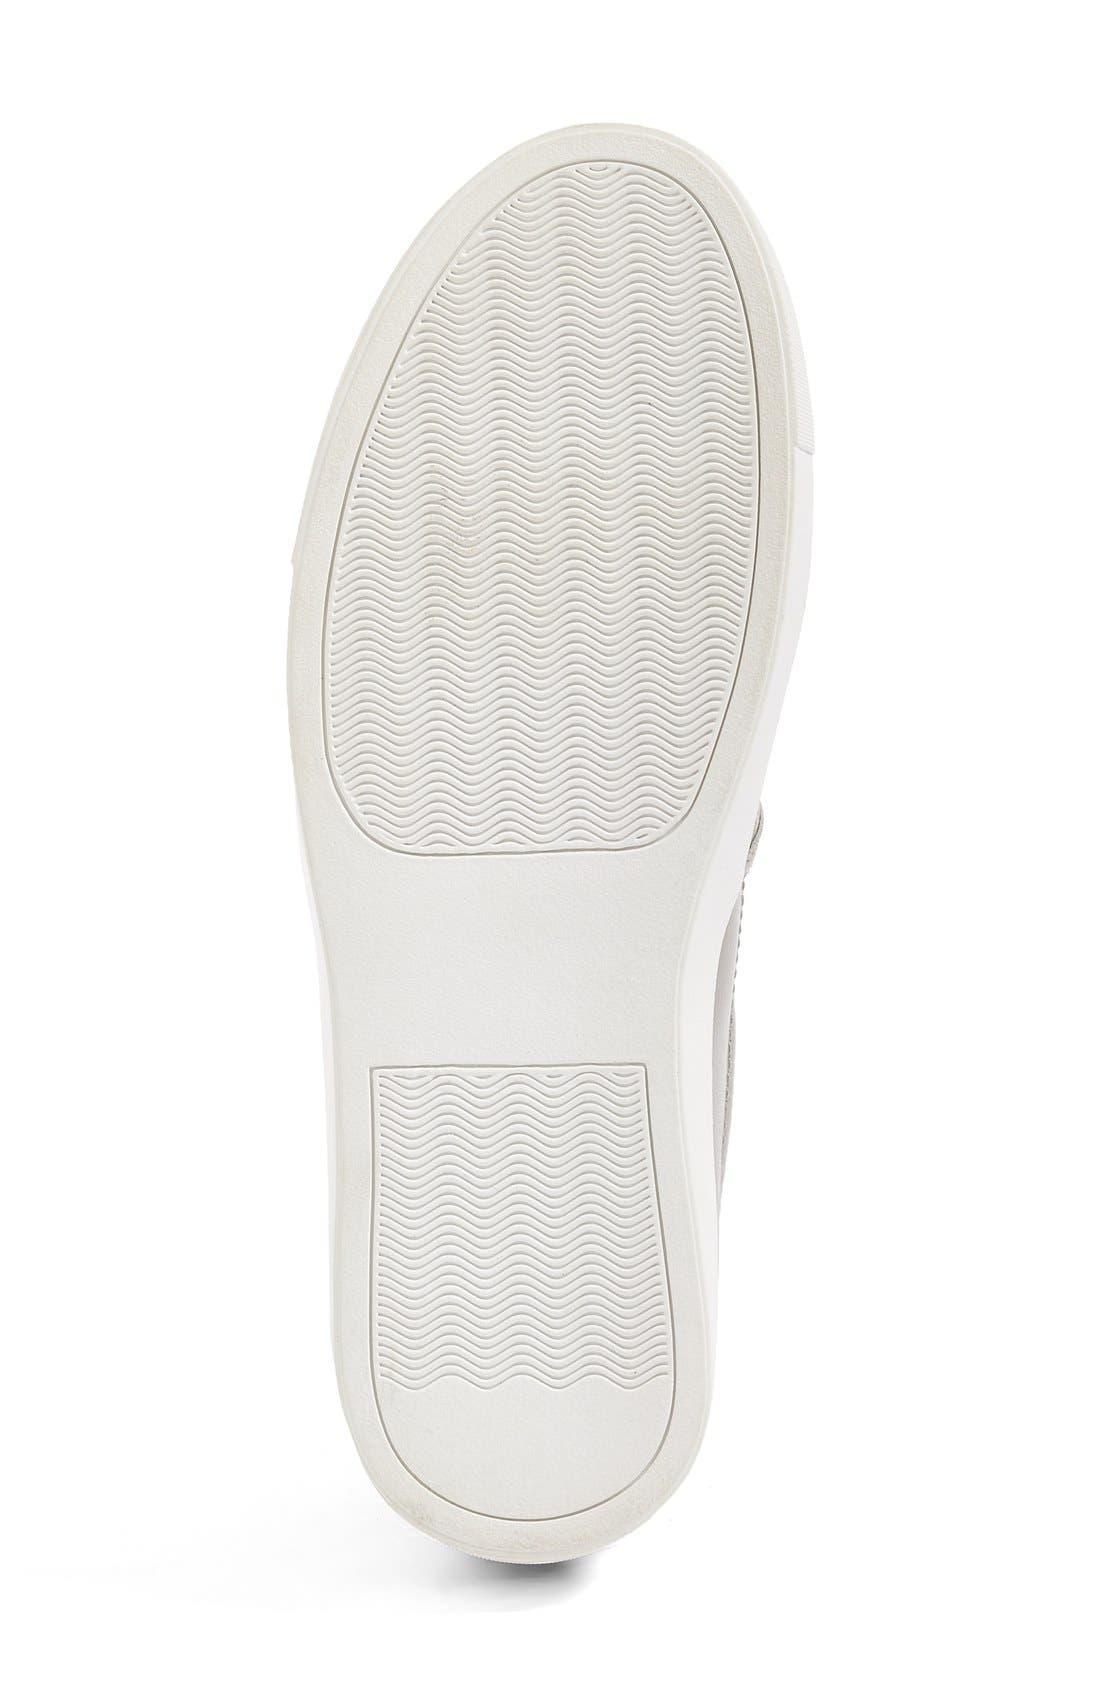 Eden Perforated Slip-On Sneaker,                             Alternate thumbnail 19, color,